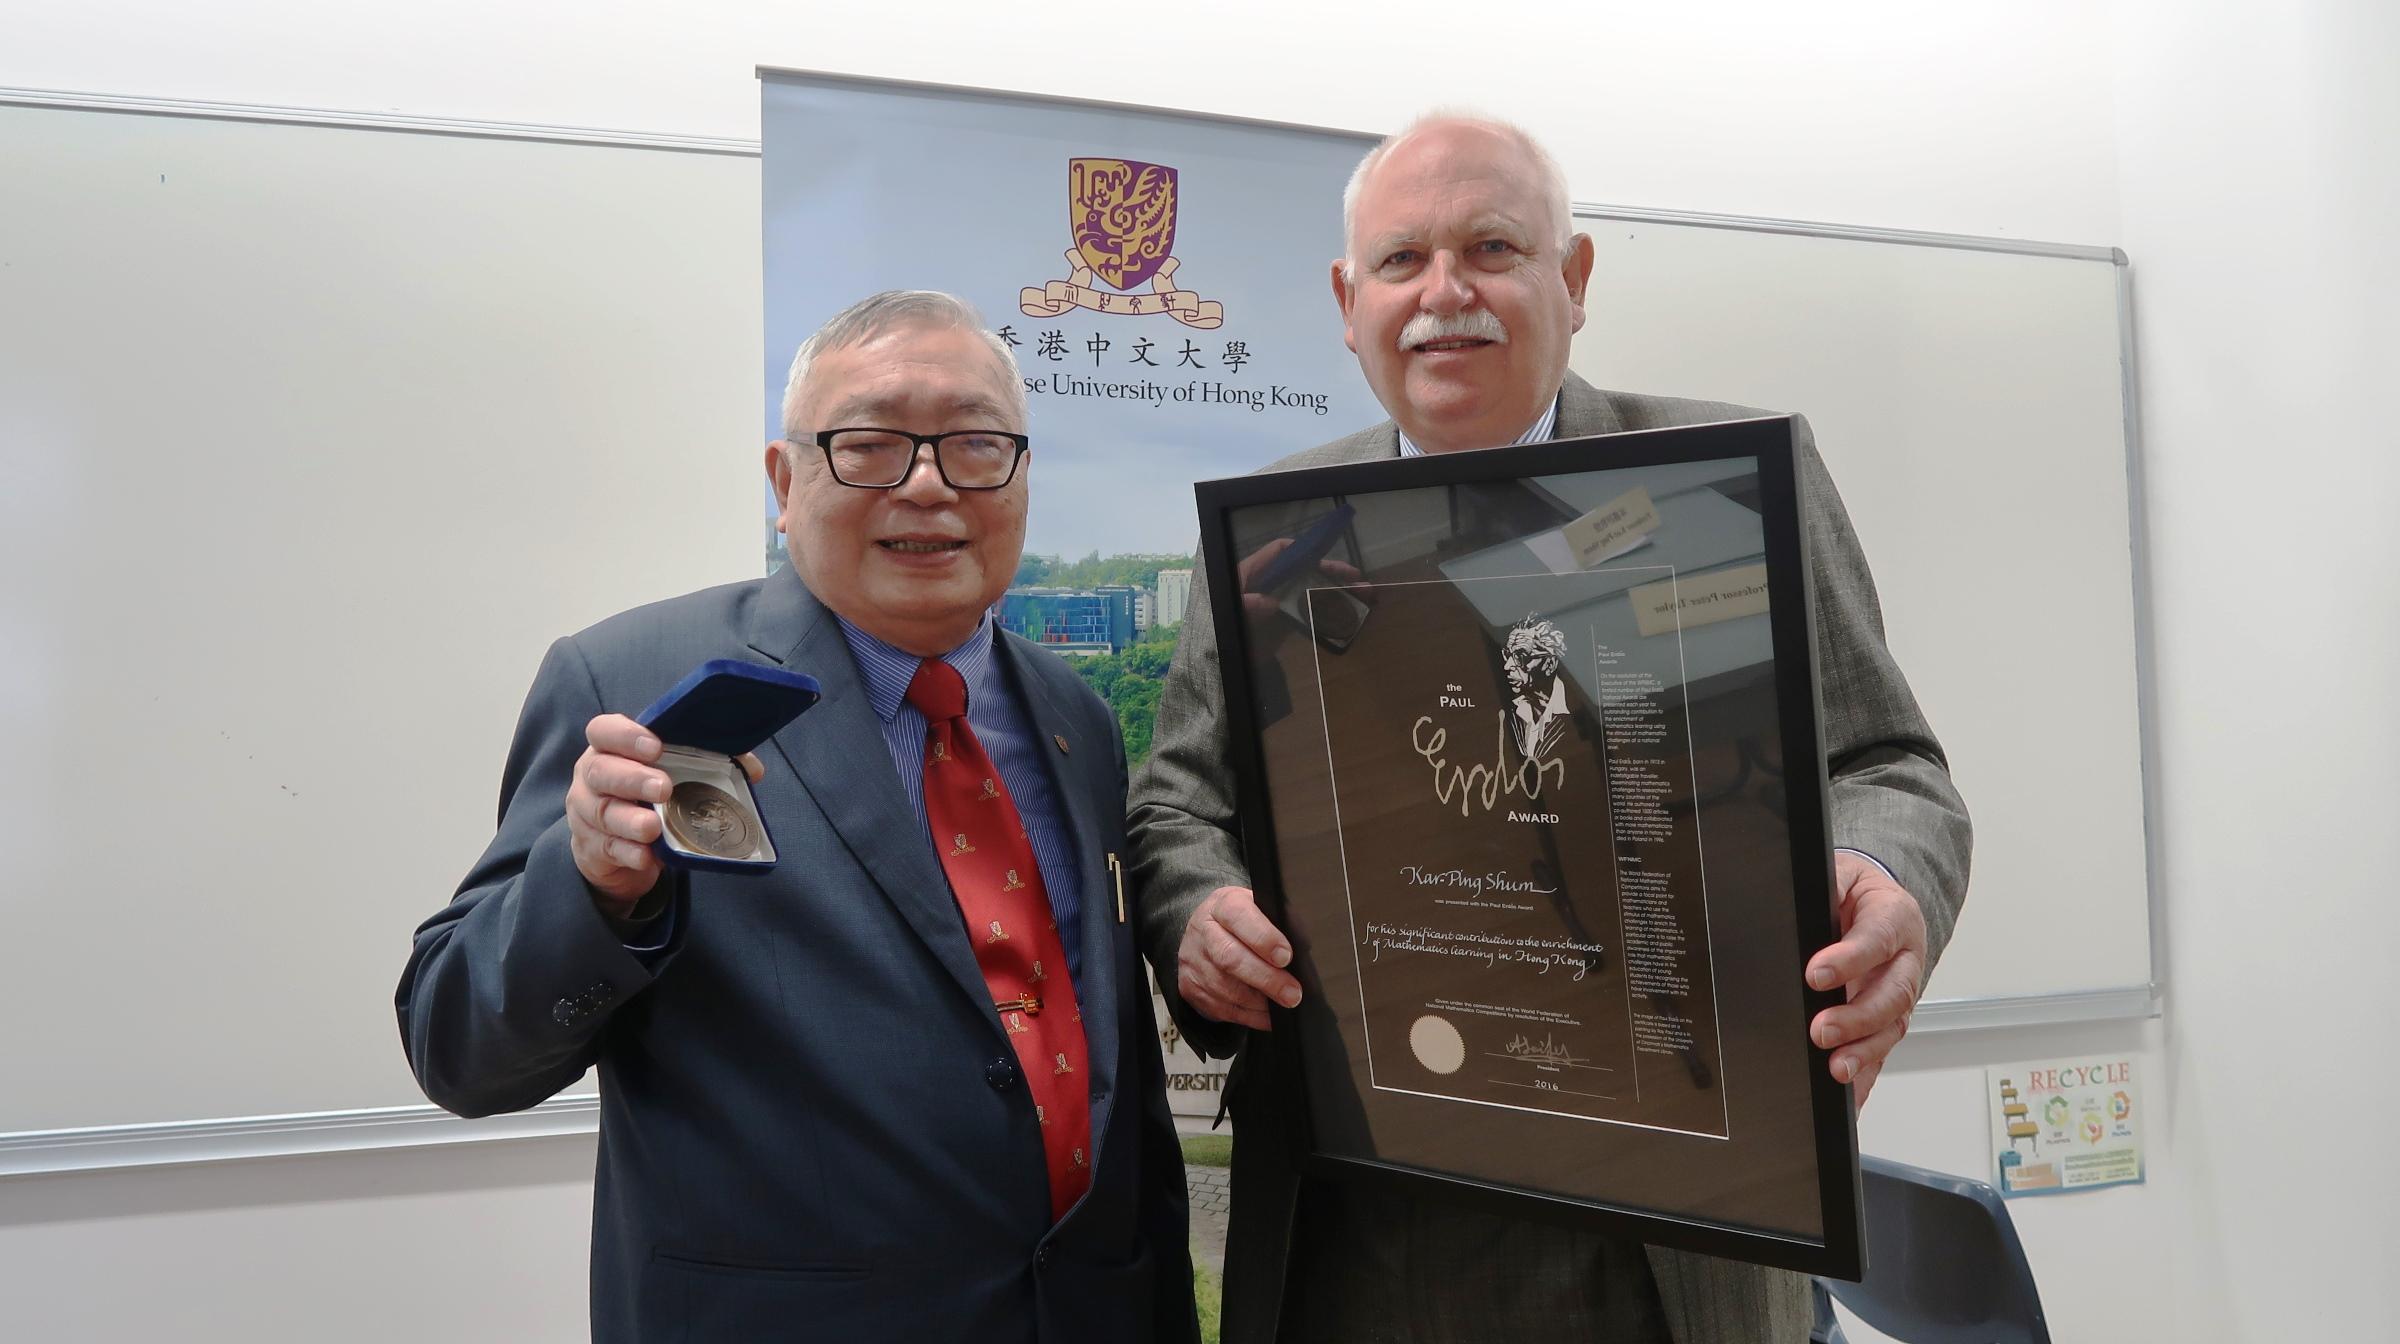 前中大數學講座教授岑嘉評教授(左)及國際數學競賽聯盟執委會成員彼得泰勒教授。